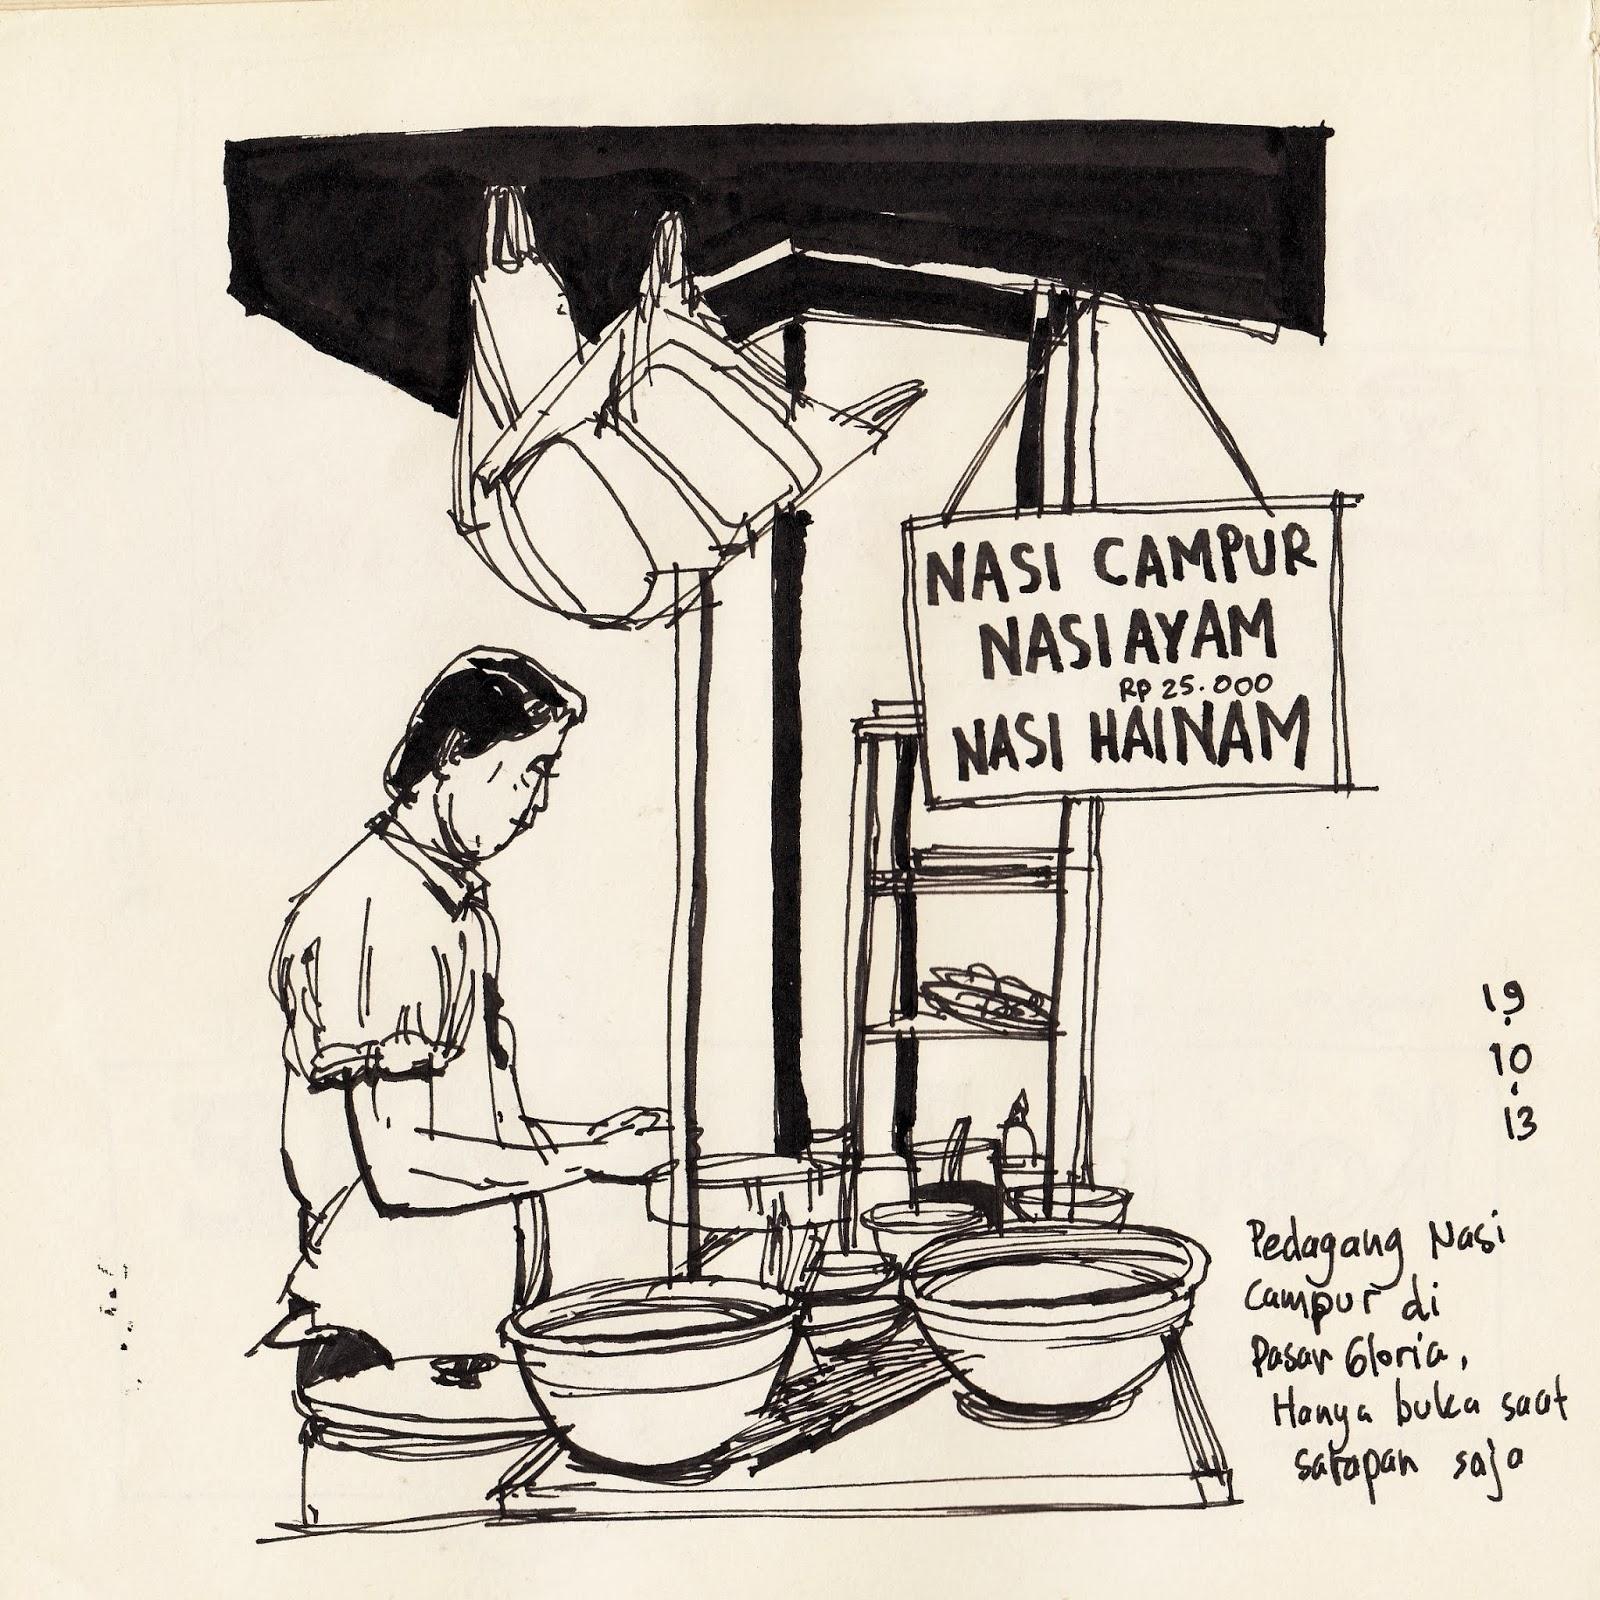 Selain kuliner pasar disini juga bisa menghampiri kuil klenteng sebagai tempat wisata Tapi harap menghormati mereka yang beribadah banyak keluhan dari